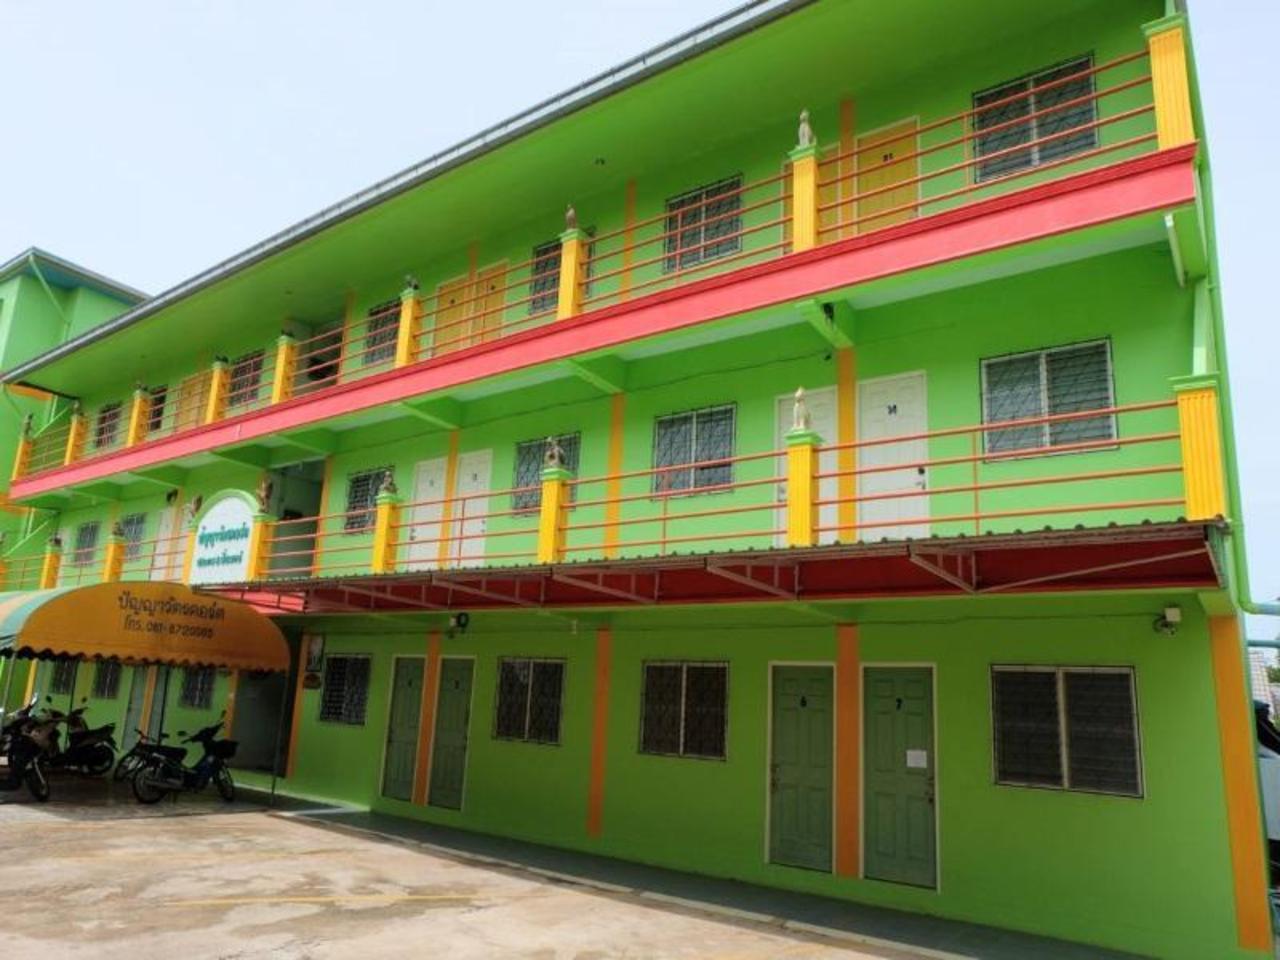 ปัญญาวัตร คอร์ต อพาร์ทเมนท์ (Punyawat Court Apartments)